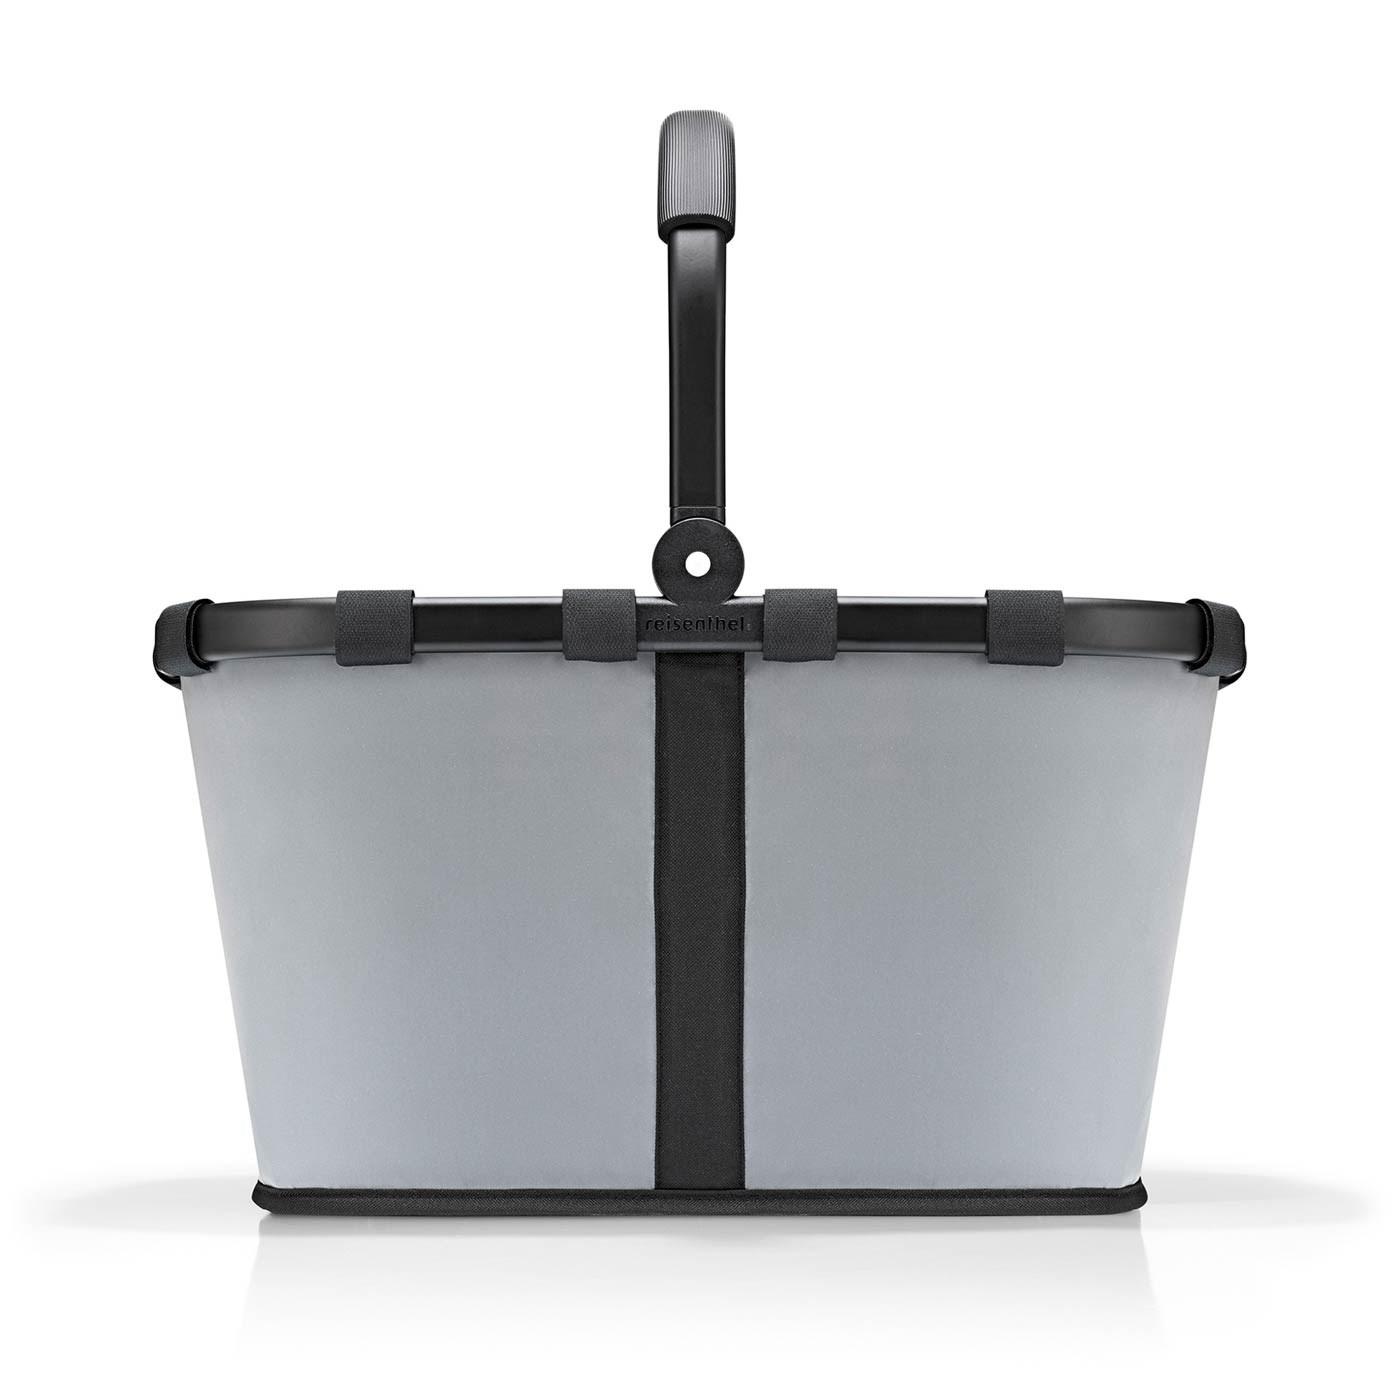 Nákupní košík Carrybag frame reflective_0